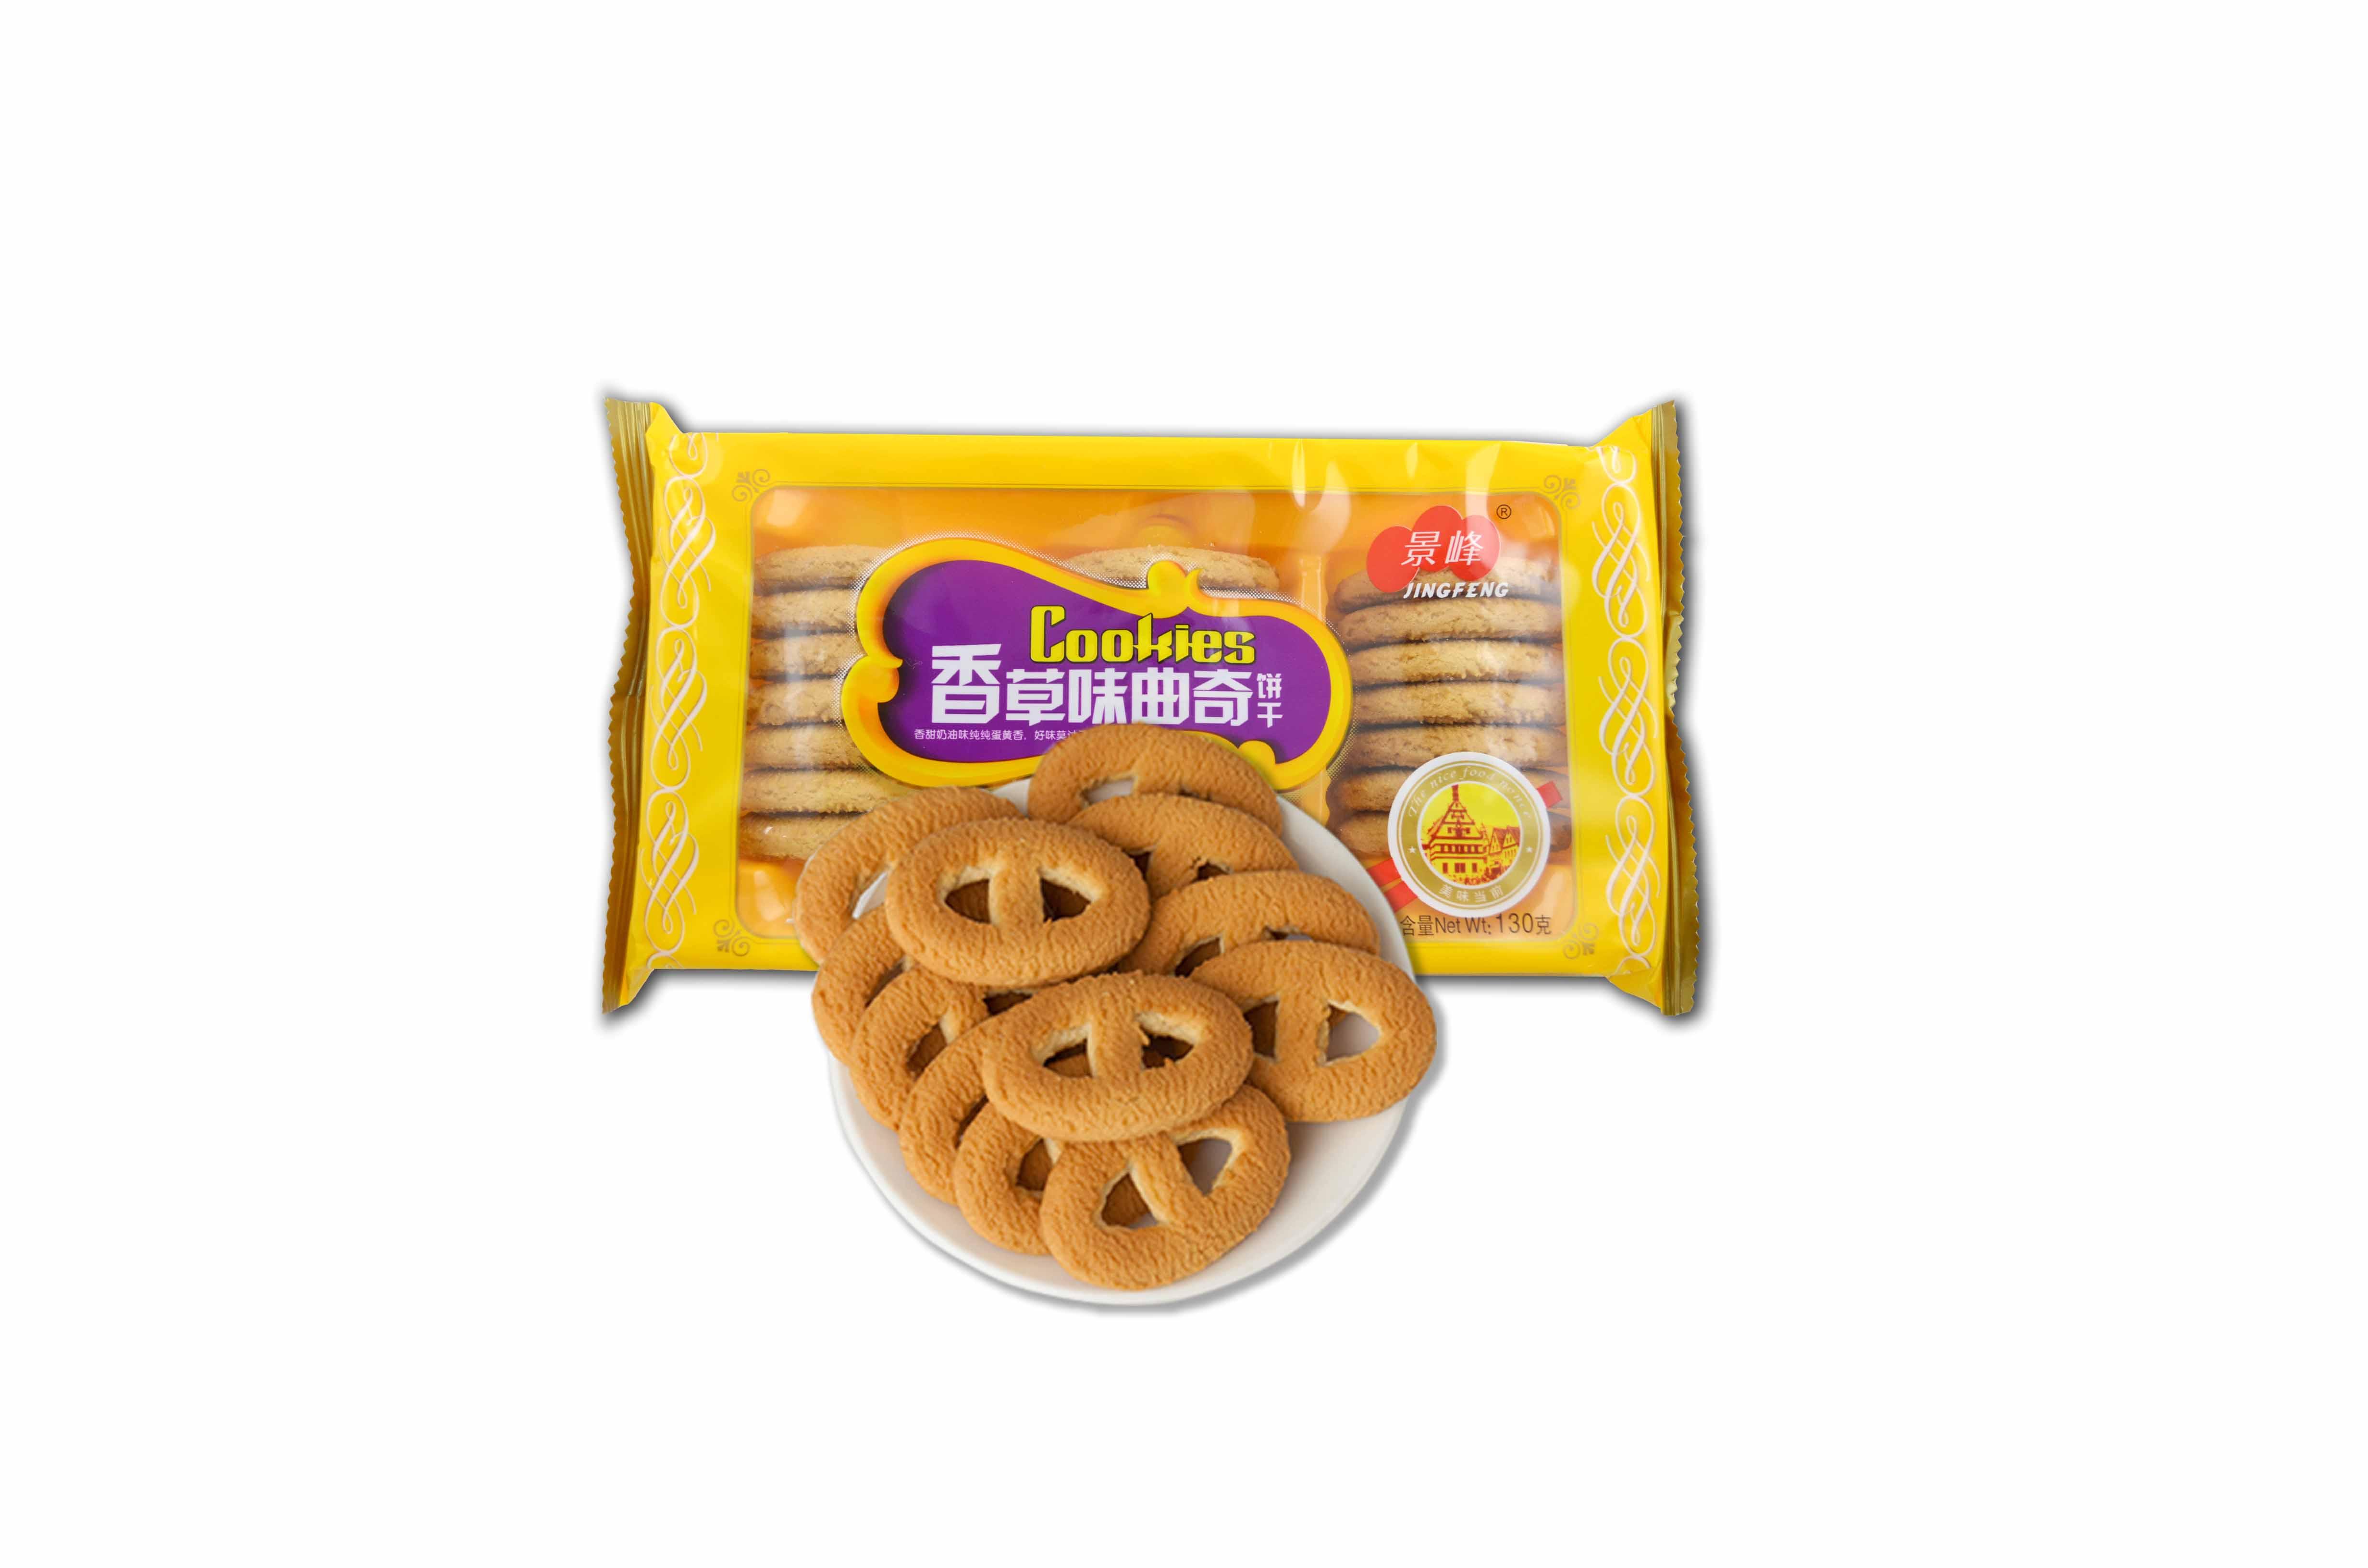 香草味曲奇饼干(130g)